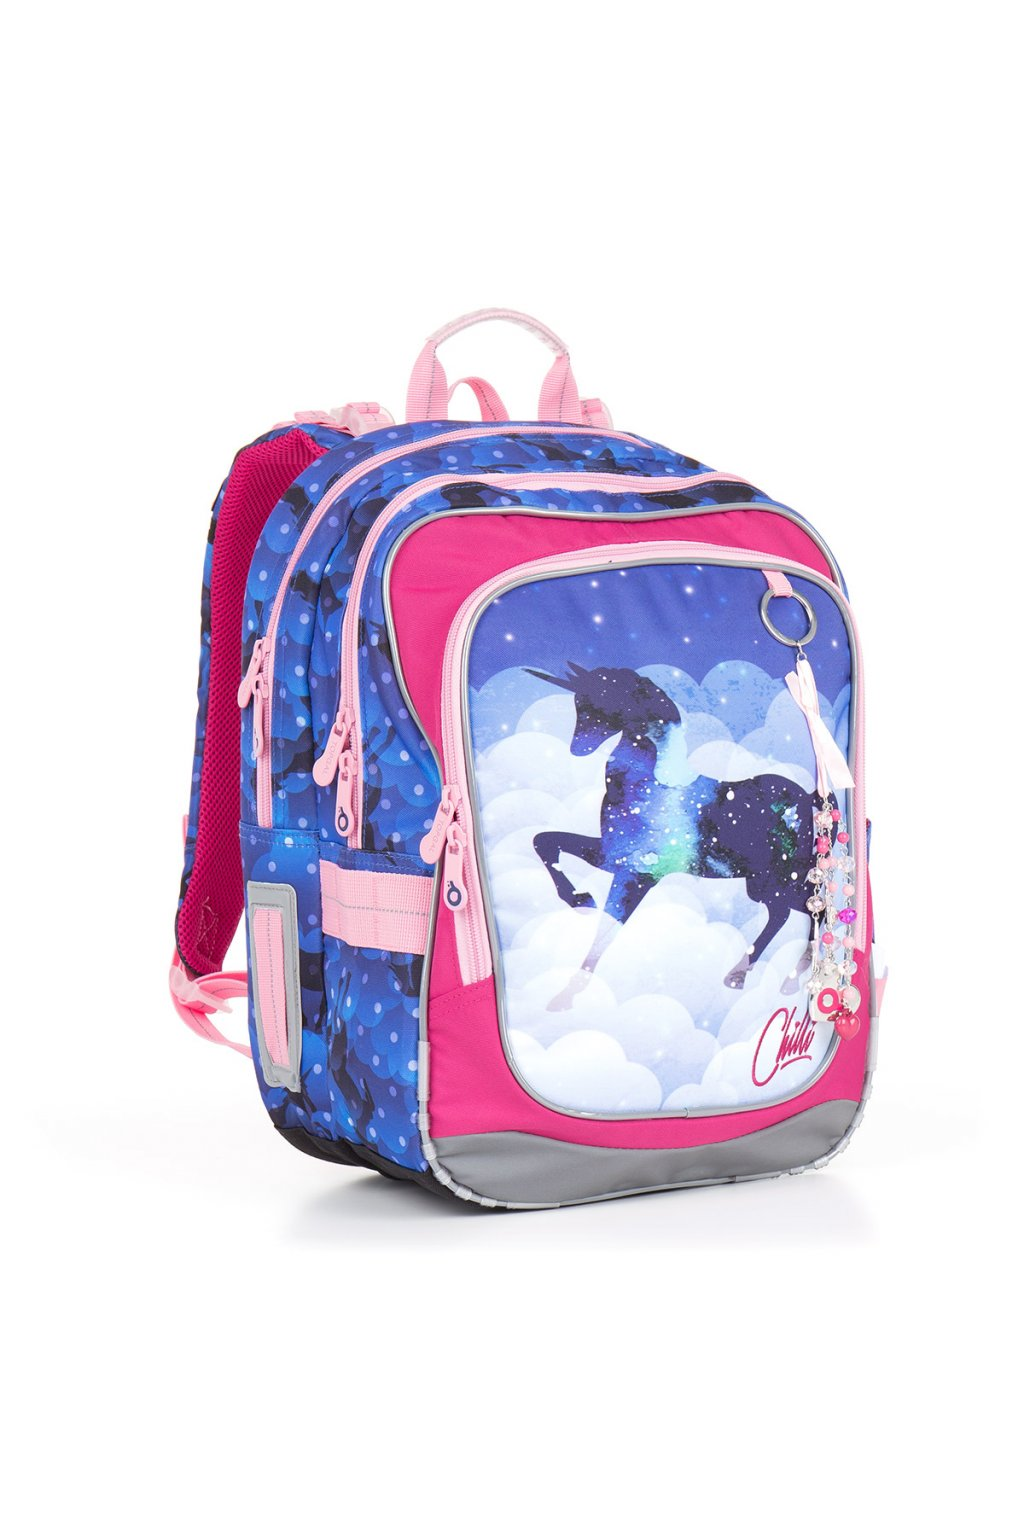 dívčí školní batoh topgal chi 843 d